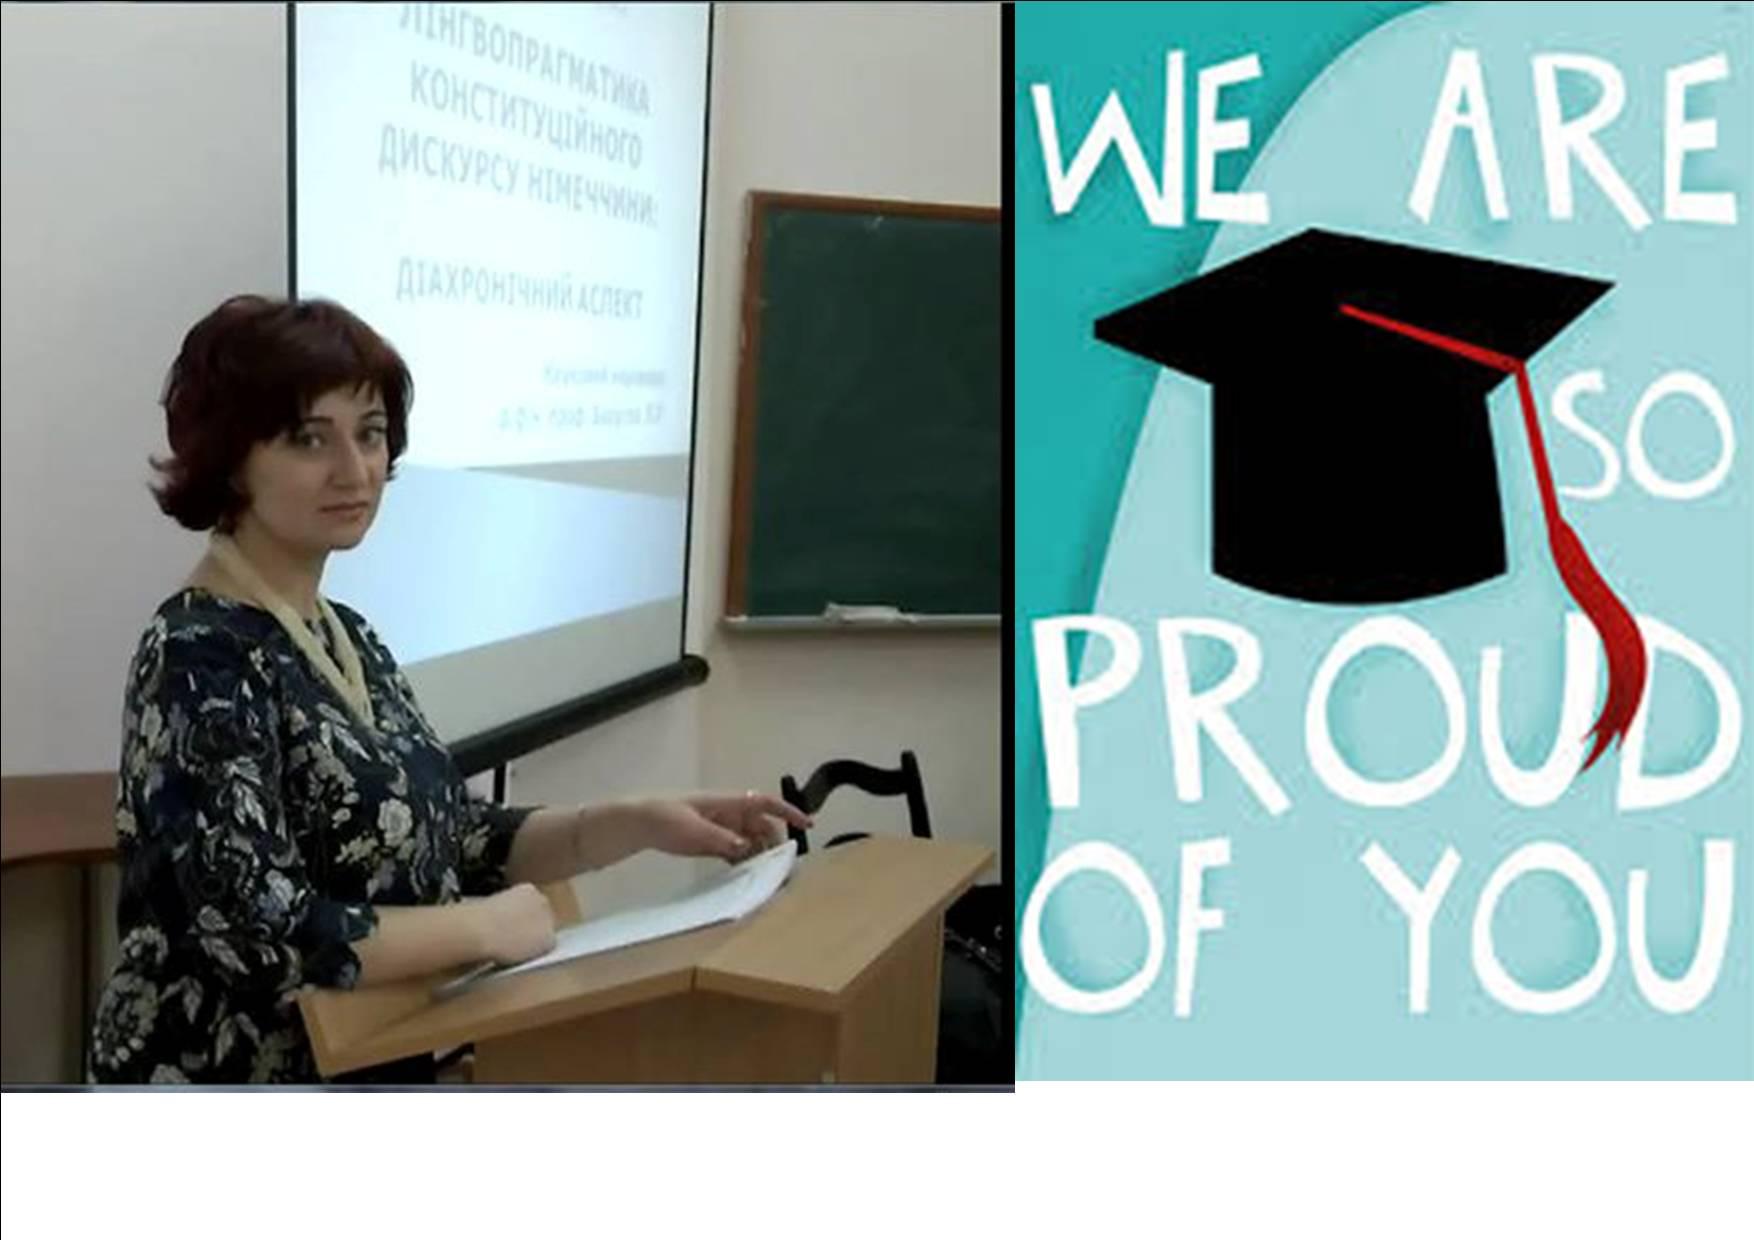 Вітаємо з успішним захистом дисертації!